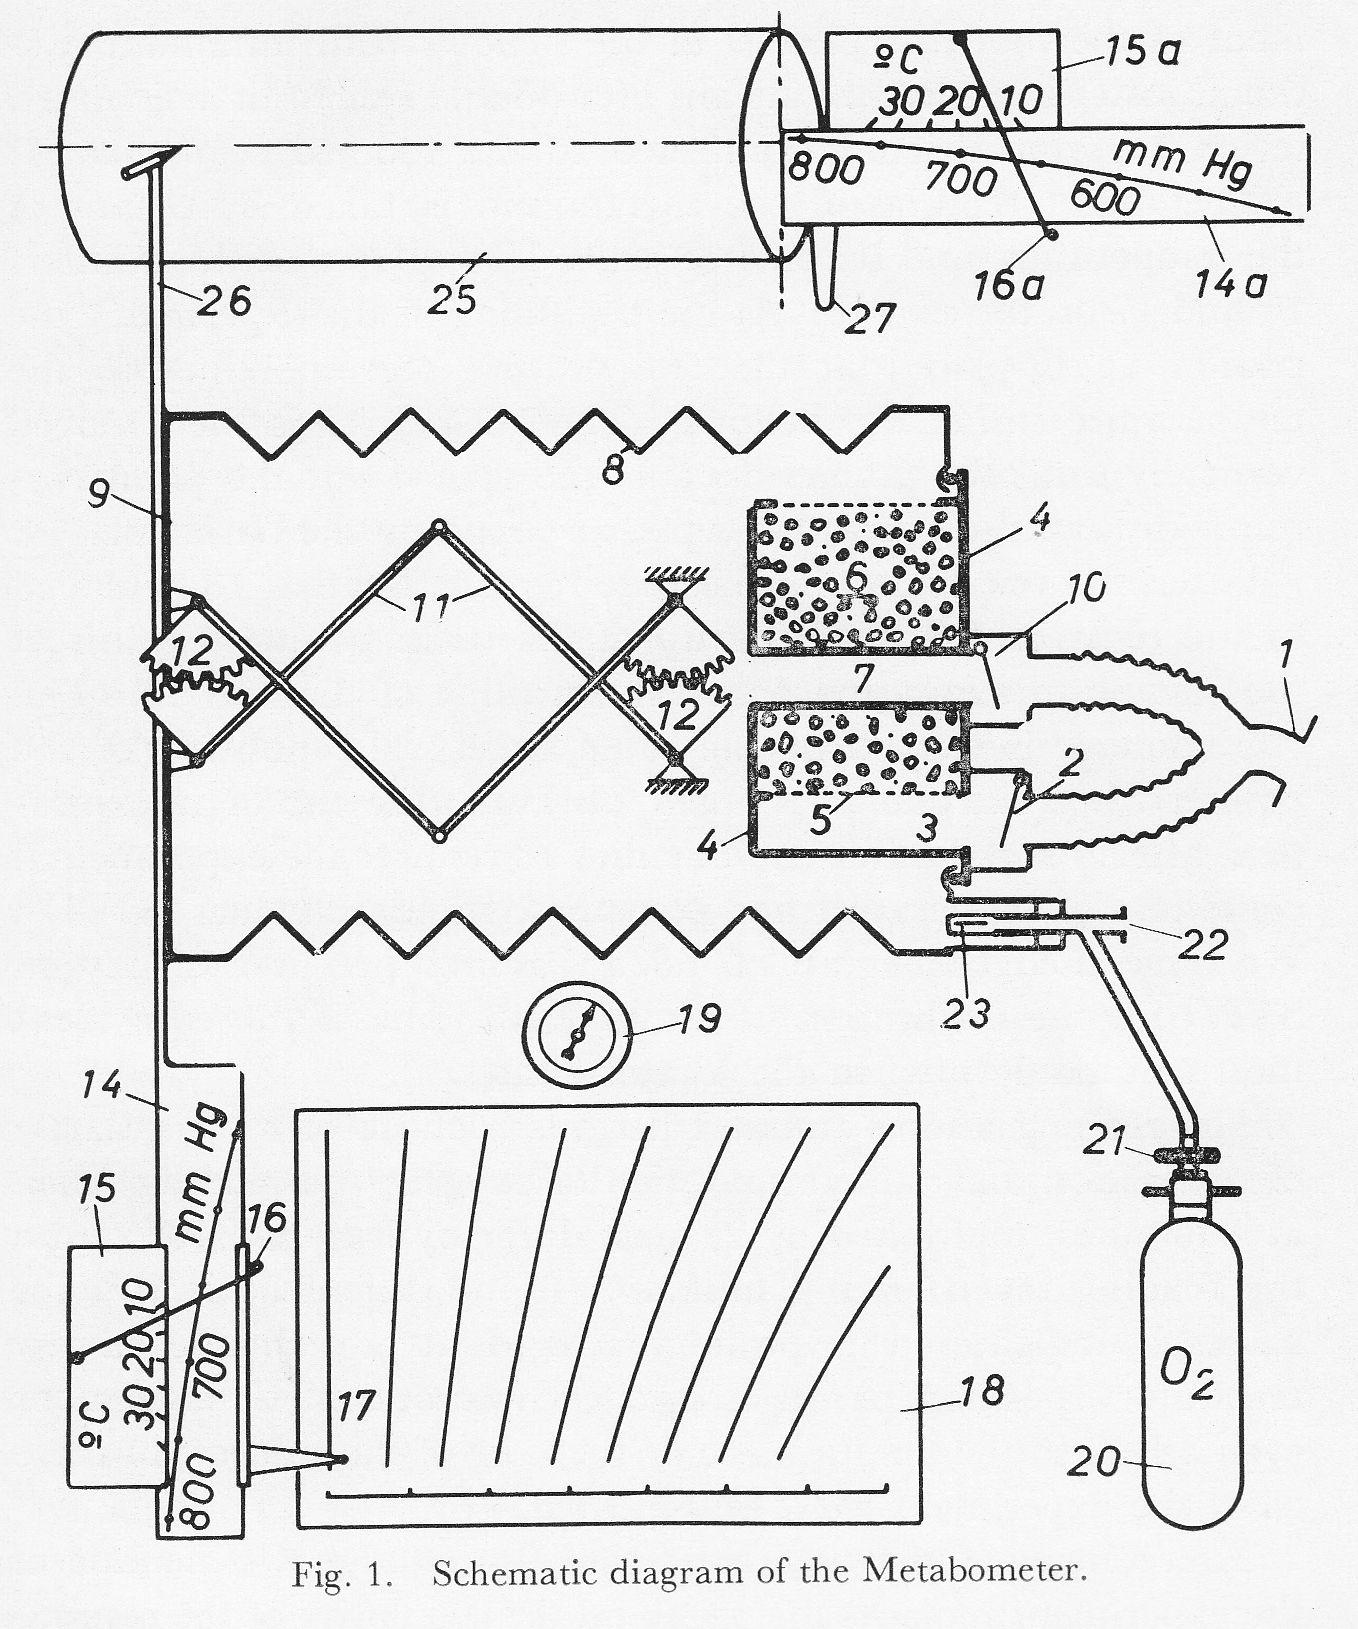 Fleisch Metabometer Schematic